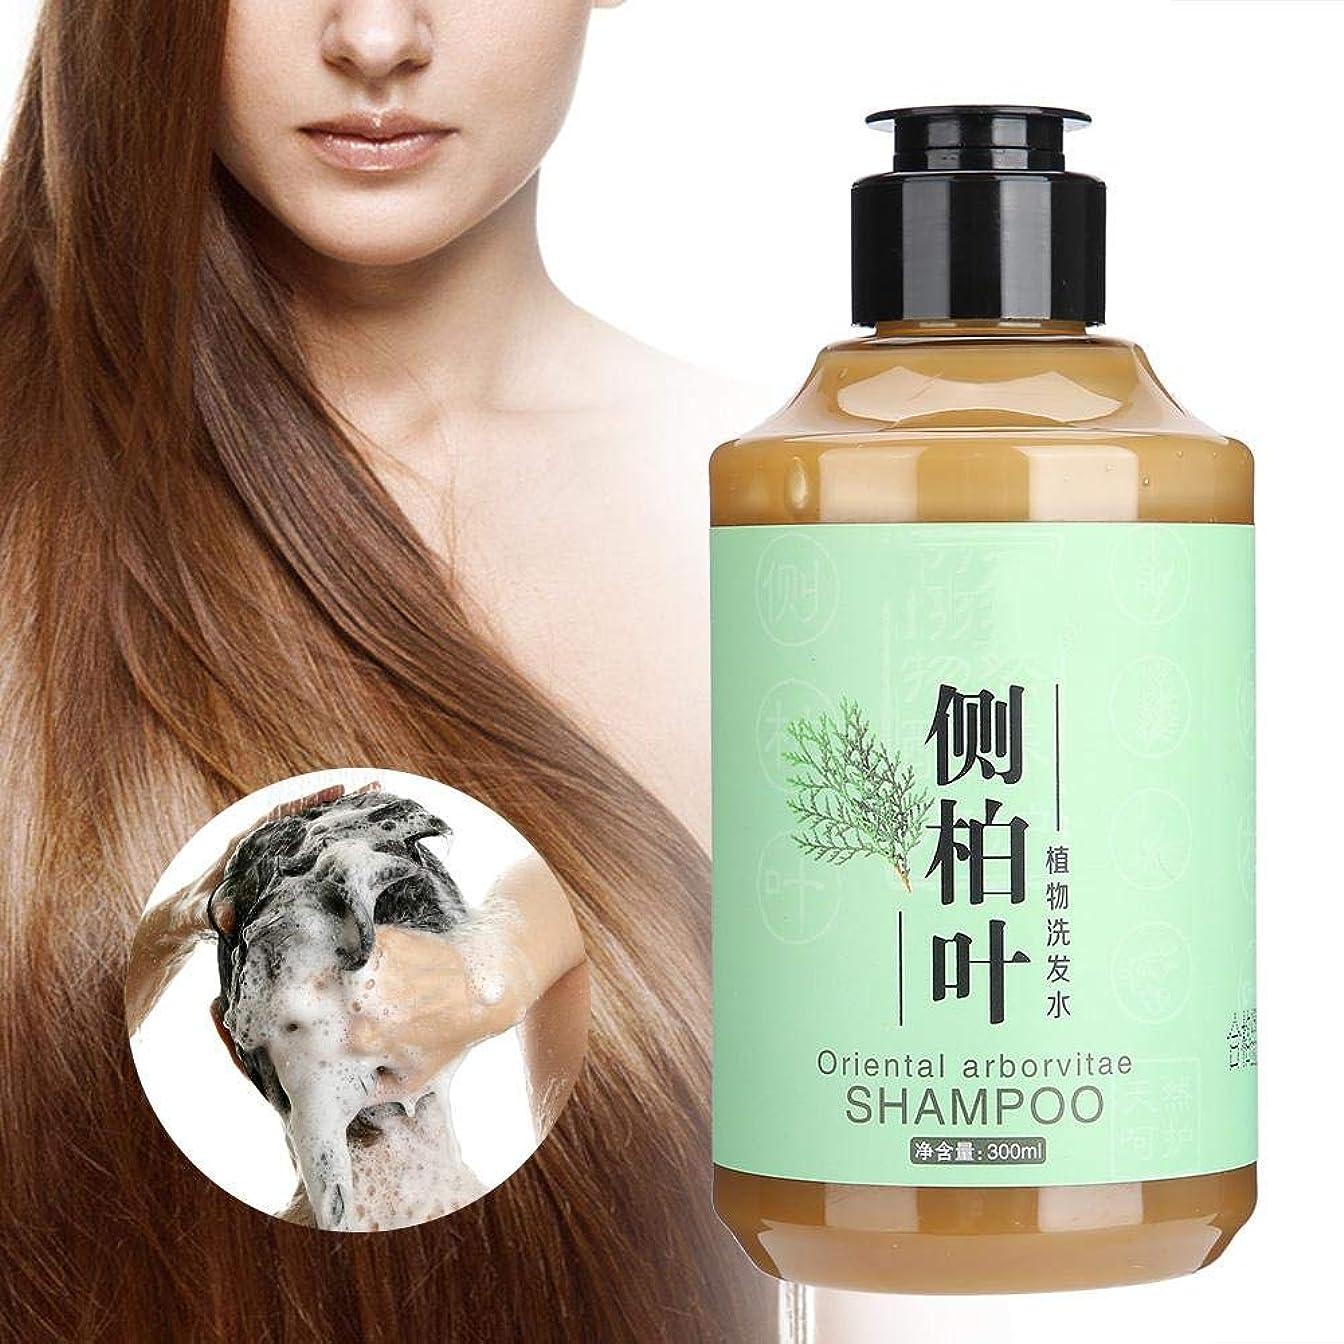 有力者前提条件仕立て屋シャンプー、髪の毛の栄養補給、髪の毛の根元の栄養補給、すべての髪のタイプの男性と女性のための抜け毛の栄養補給用シャンプー